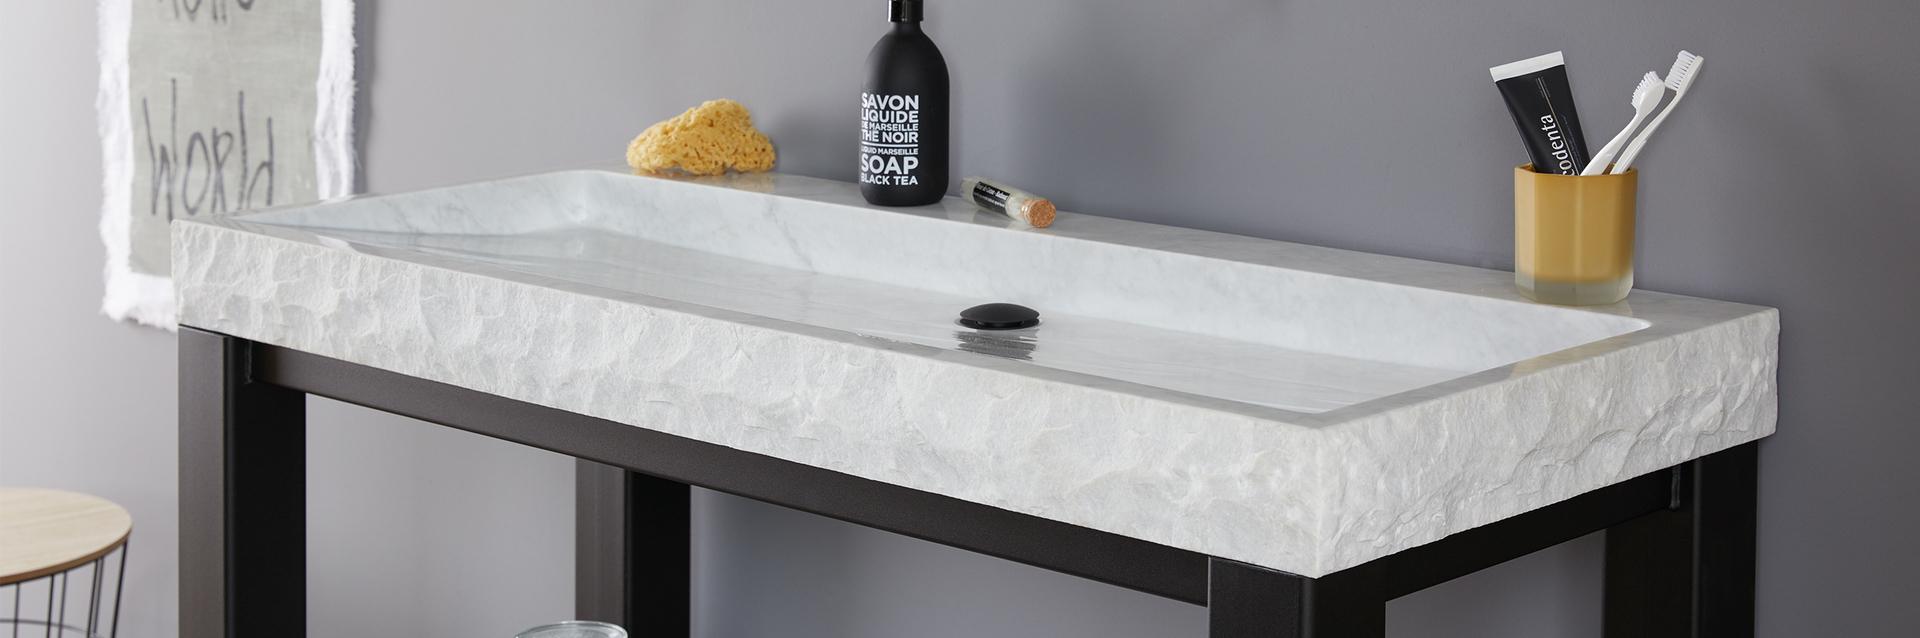 Natuurstenen wastafels en douchebakken - Natuurstenen wastafels en douchebakken